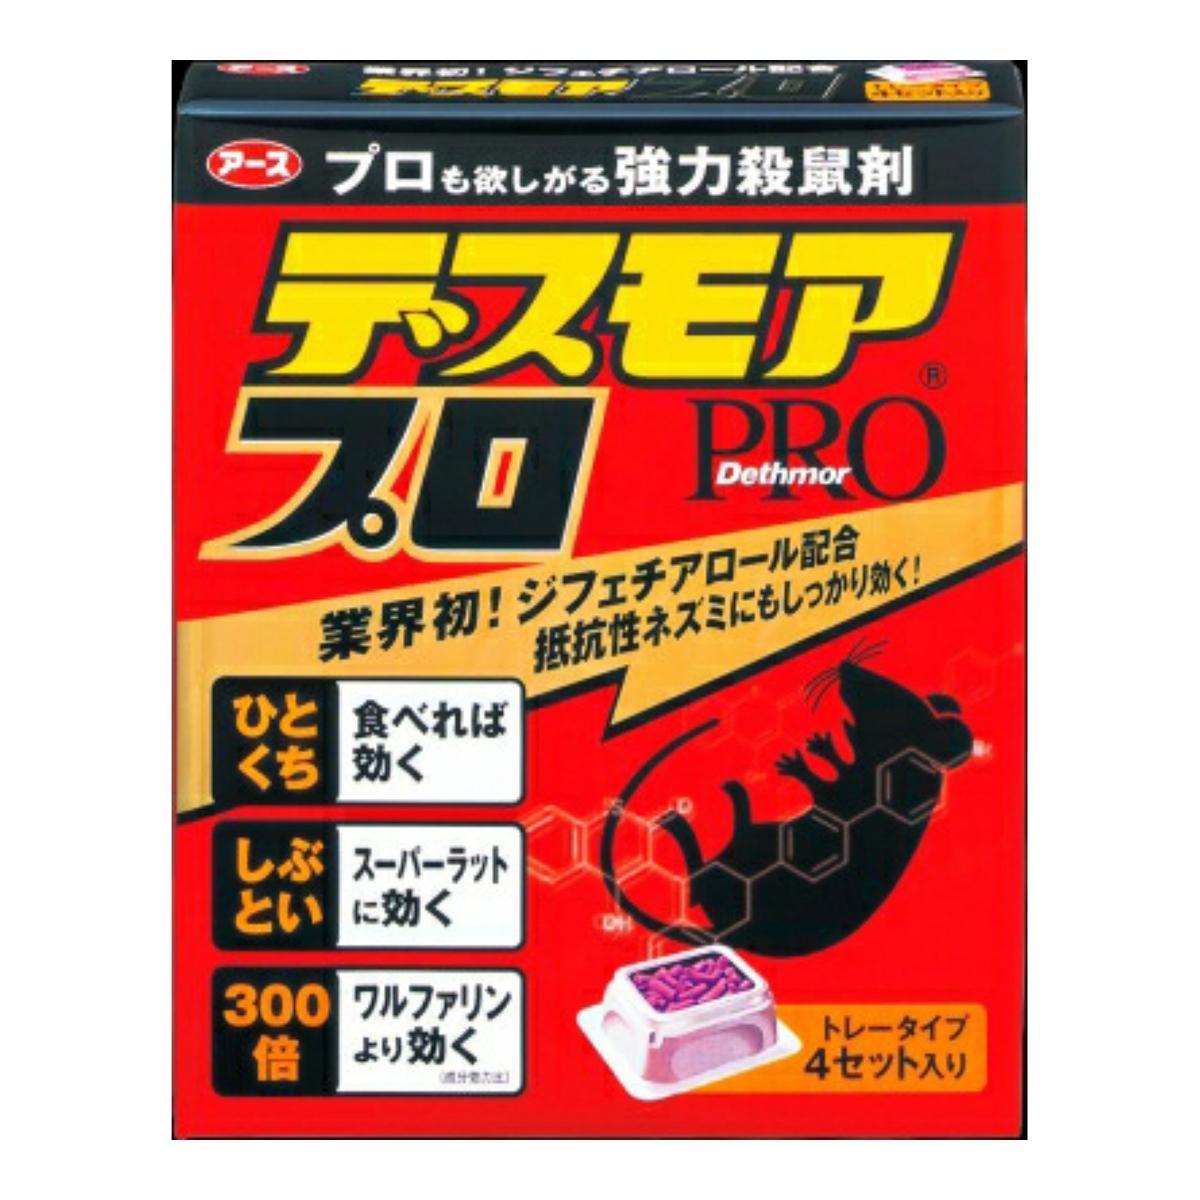 【20個で送料無料】アース製薬 デスモアプロ トレータイプ 4セット入 ( トレータイプの殺鼠剤・ネズミ殺虫剤 駆除 ) ×20点セット ( 4901080053411 )